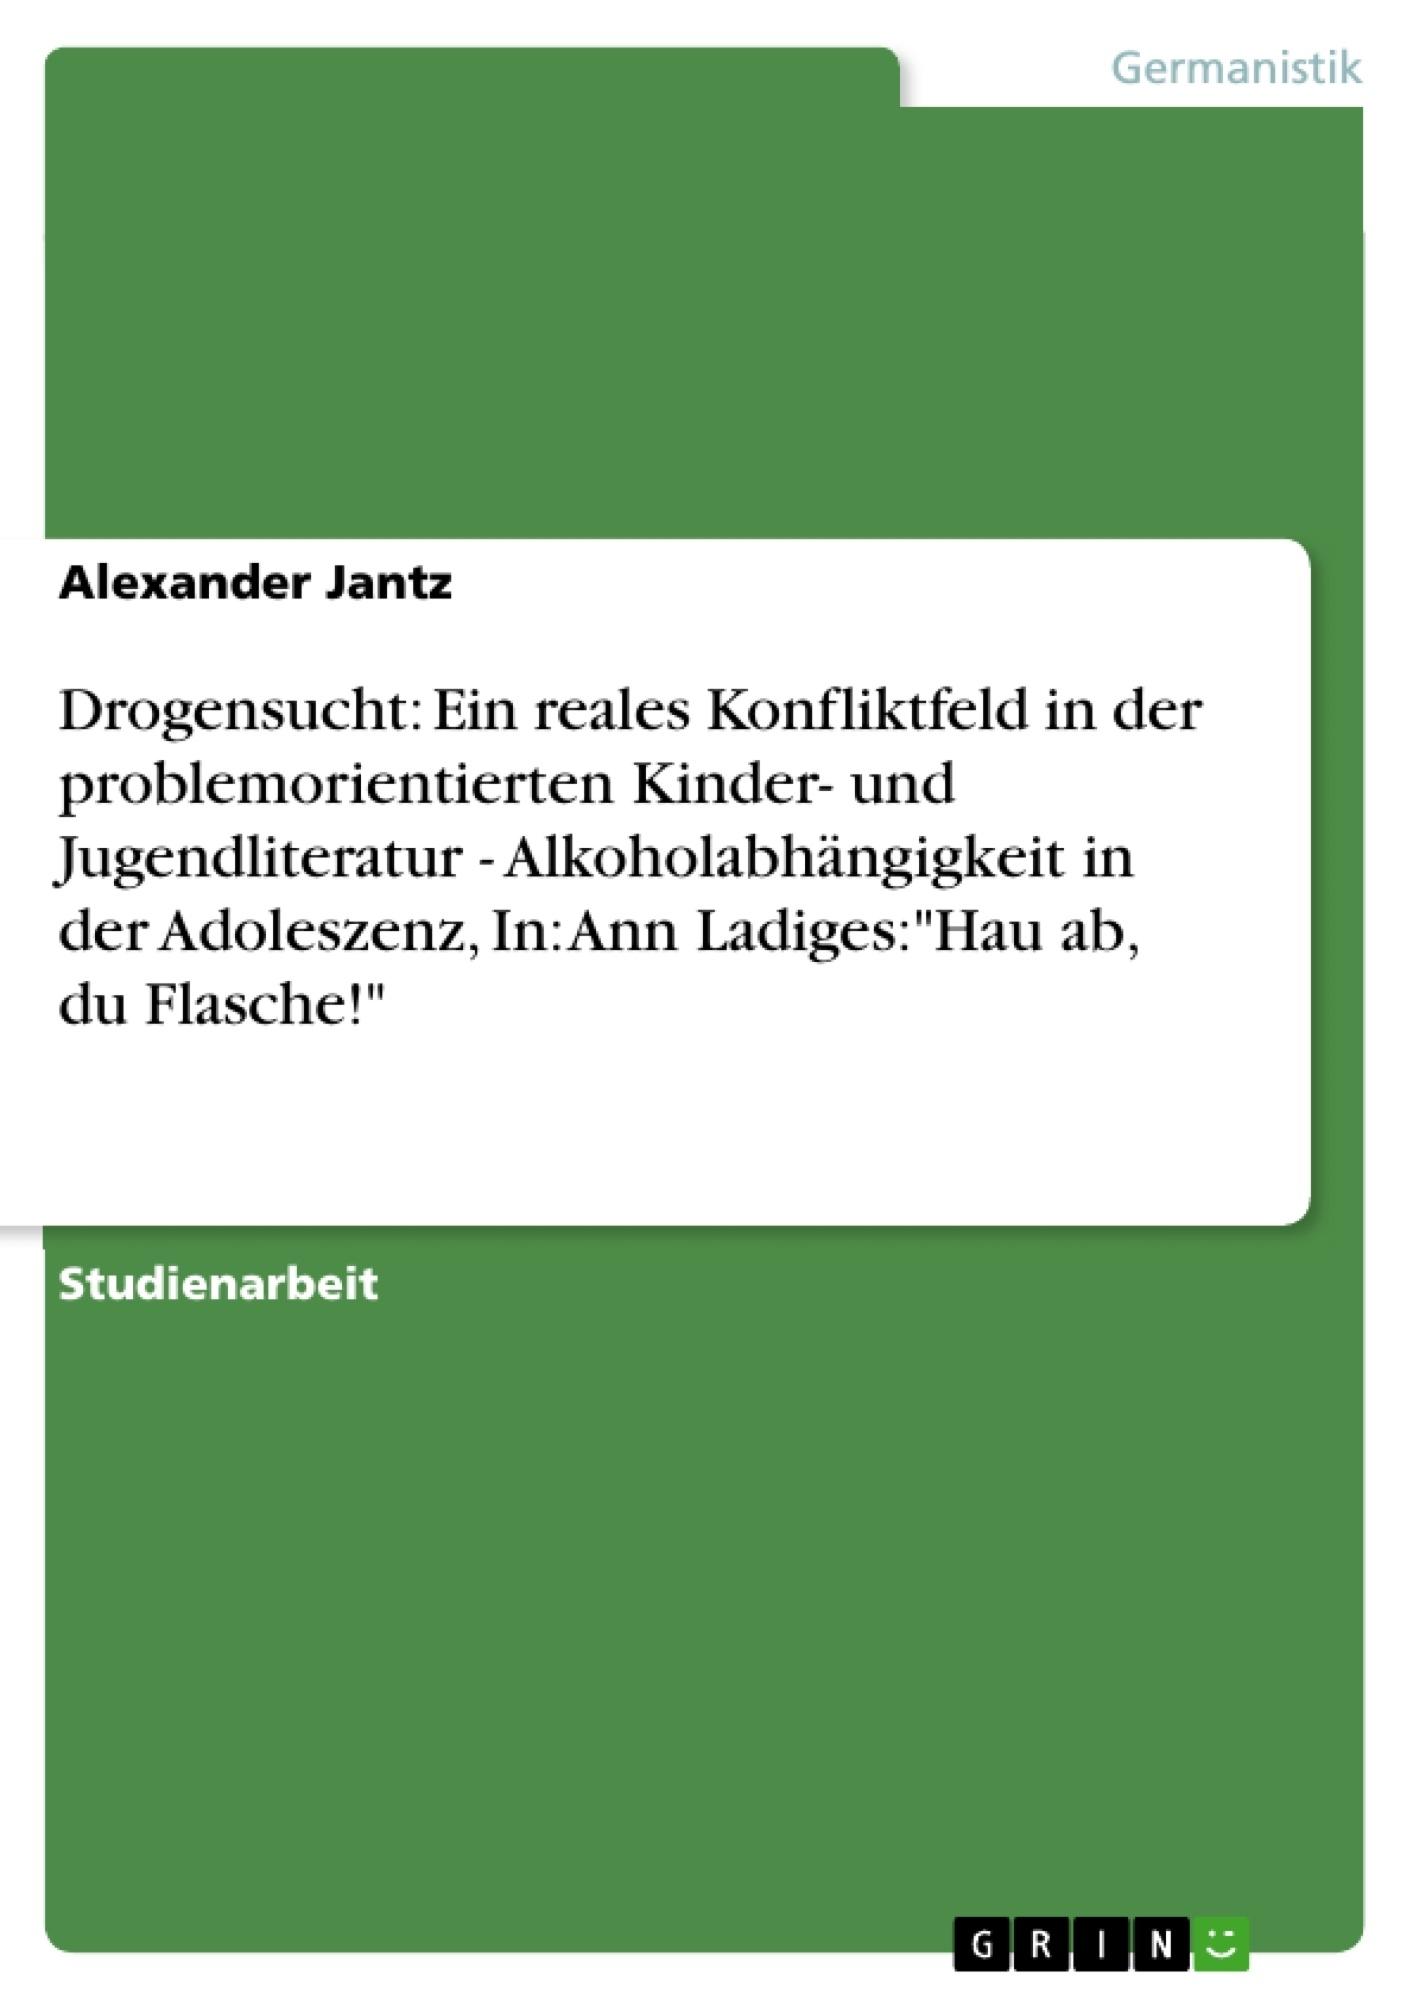 """Titel: Drogensucht: Ein reales Konfliktfeld in der problemorientierten Kinder- und Jugendliteratur - Alkoholabhängigkeit in der Adoleszenz, In: Ann Ladiges:""""Hau ab, du Flasche!"""""""